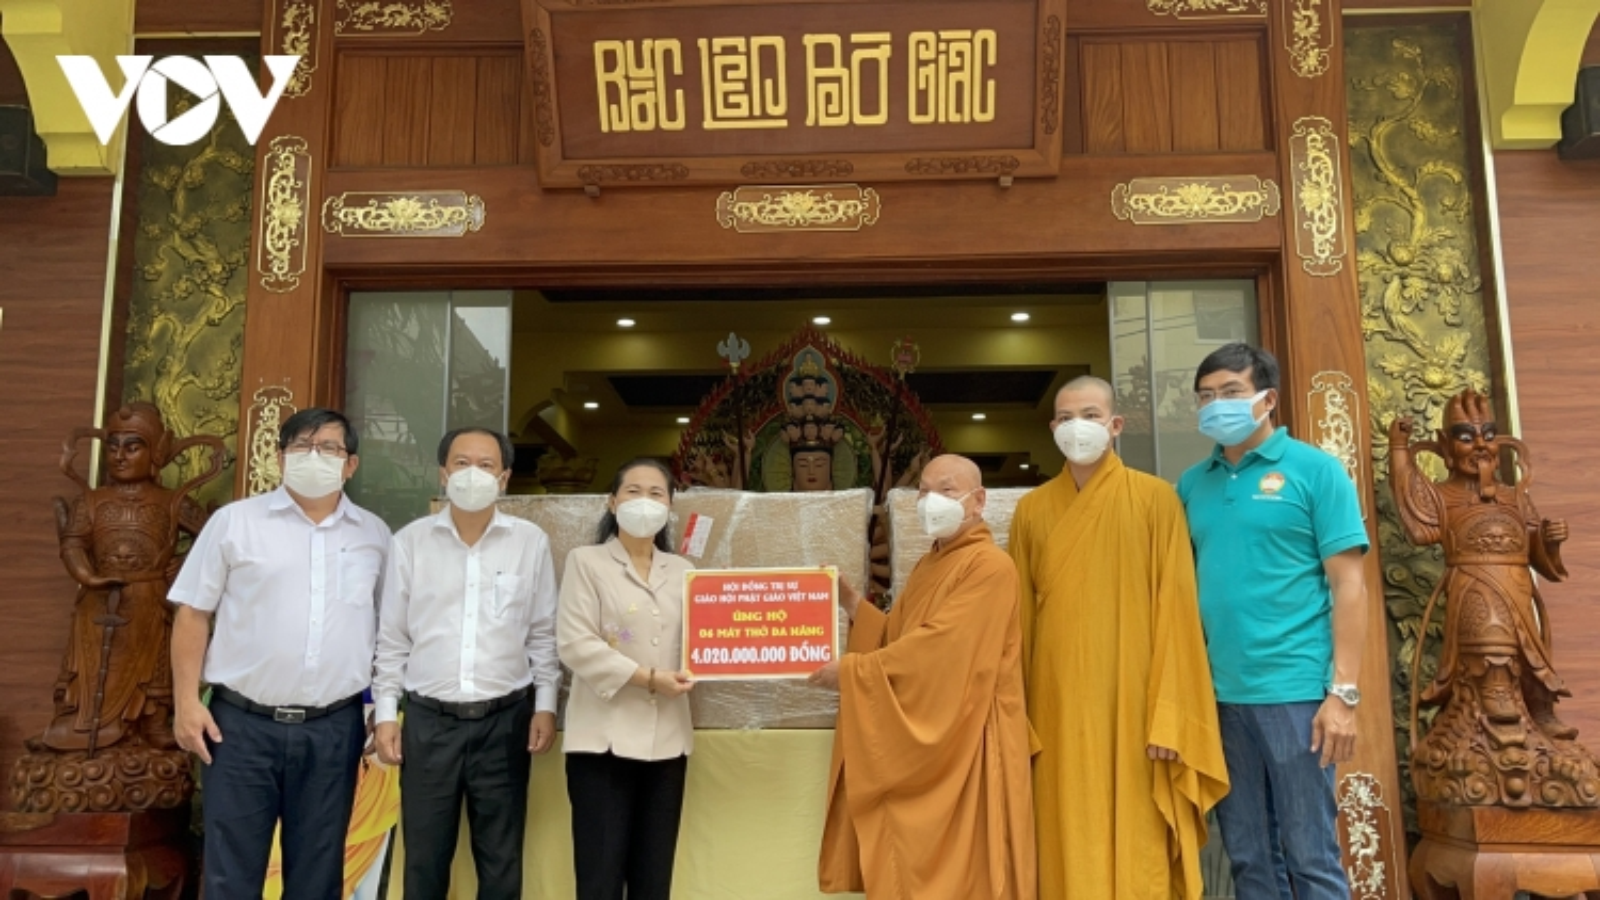 Trung ương Giáo hội Phật giáo Việt Nam tặng 6 máy thở đa năng cho TP.HCM